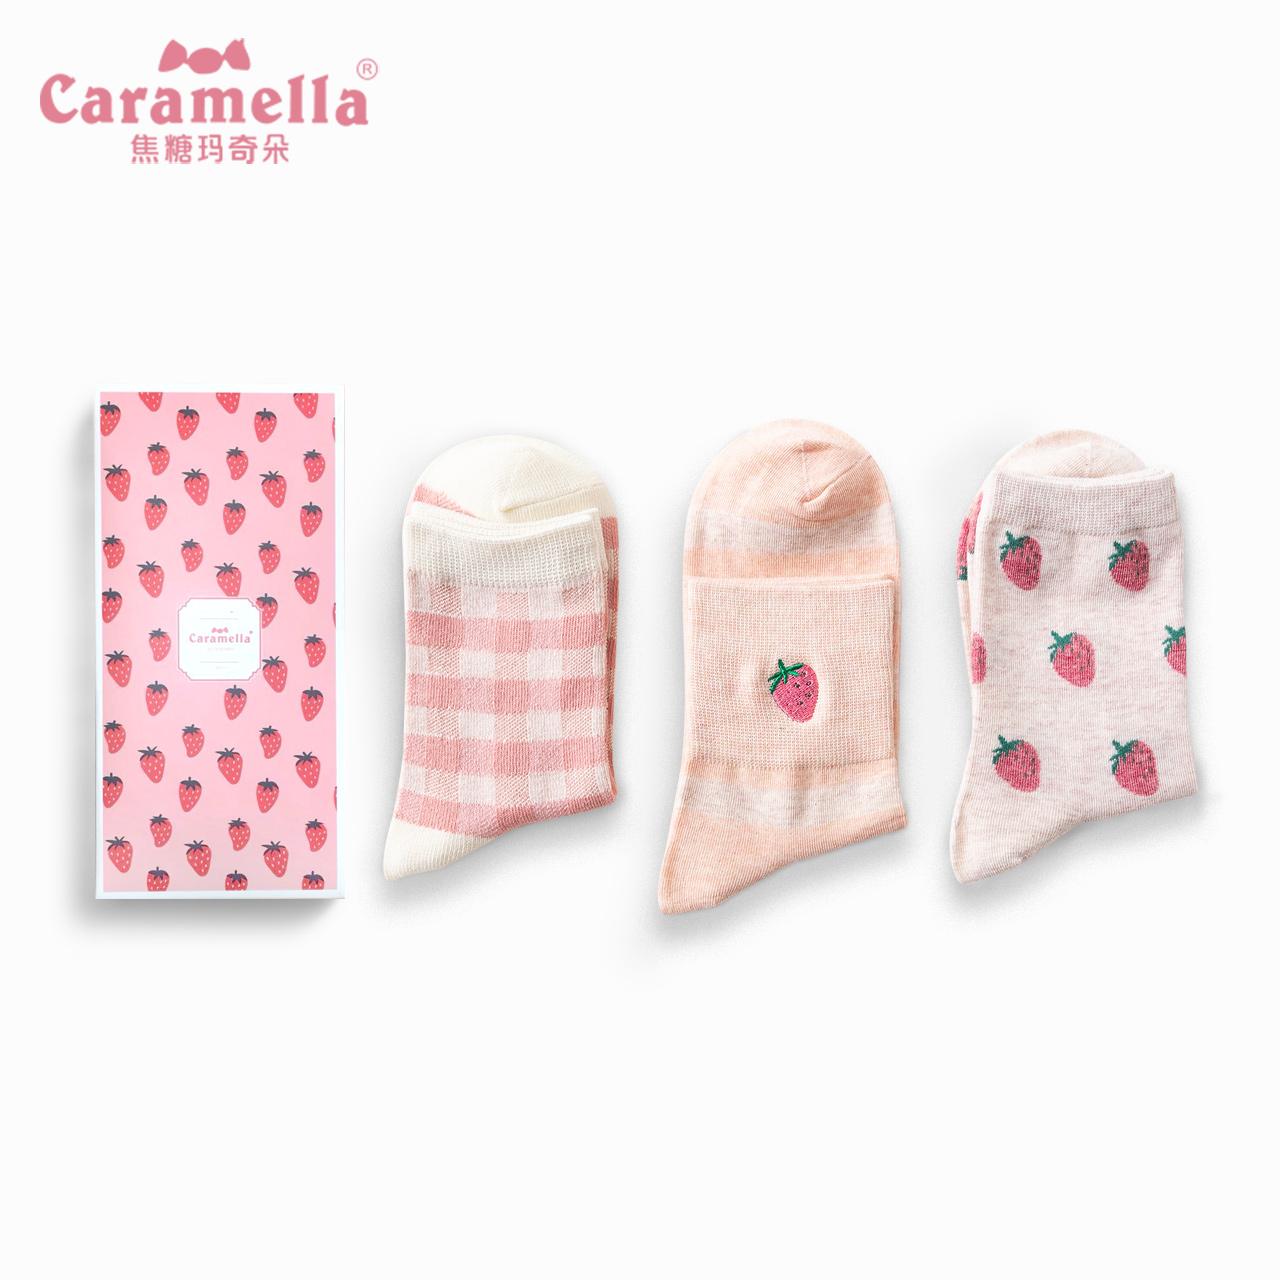 CARAMELLA袜子女春夏卡通中筒棉袜刺绣长筒韩版学院风日系潮棉袜